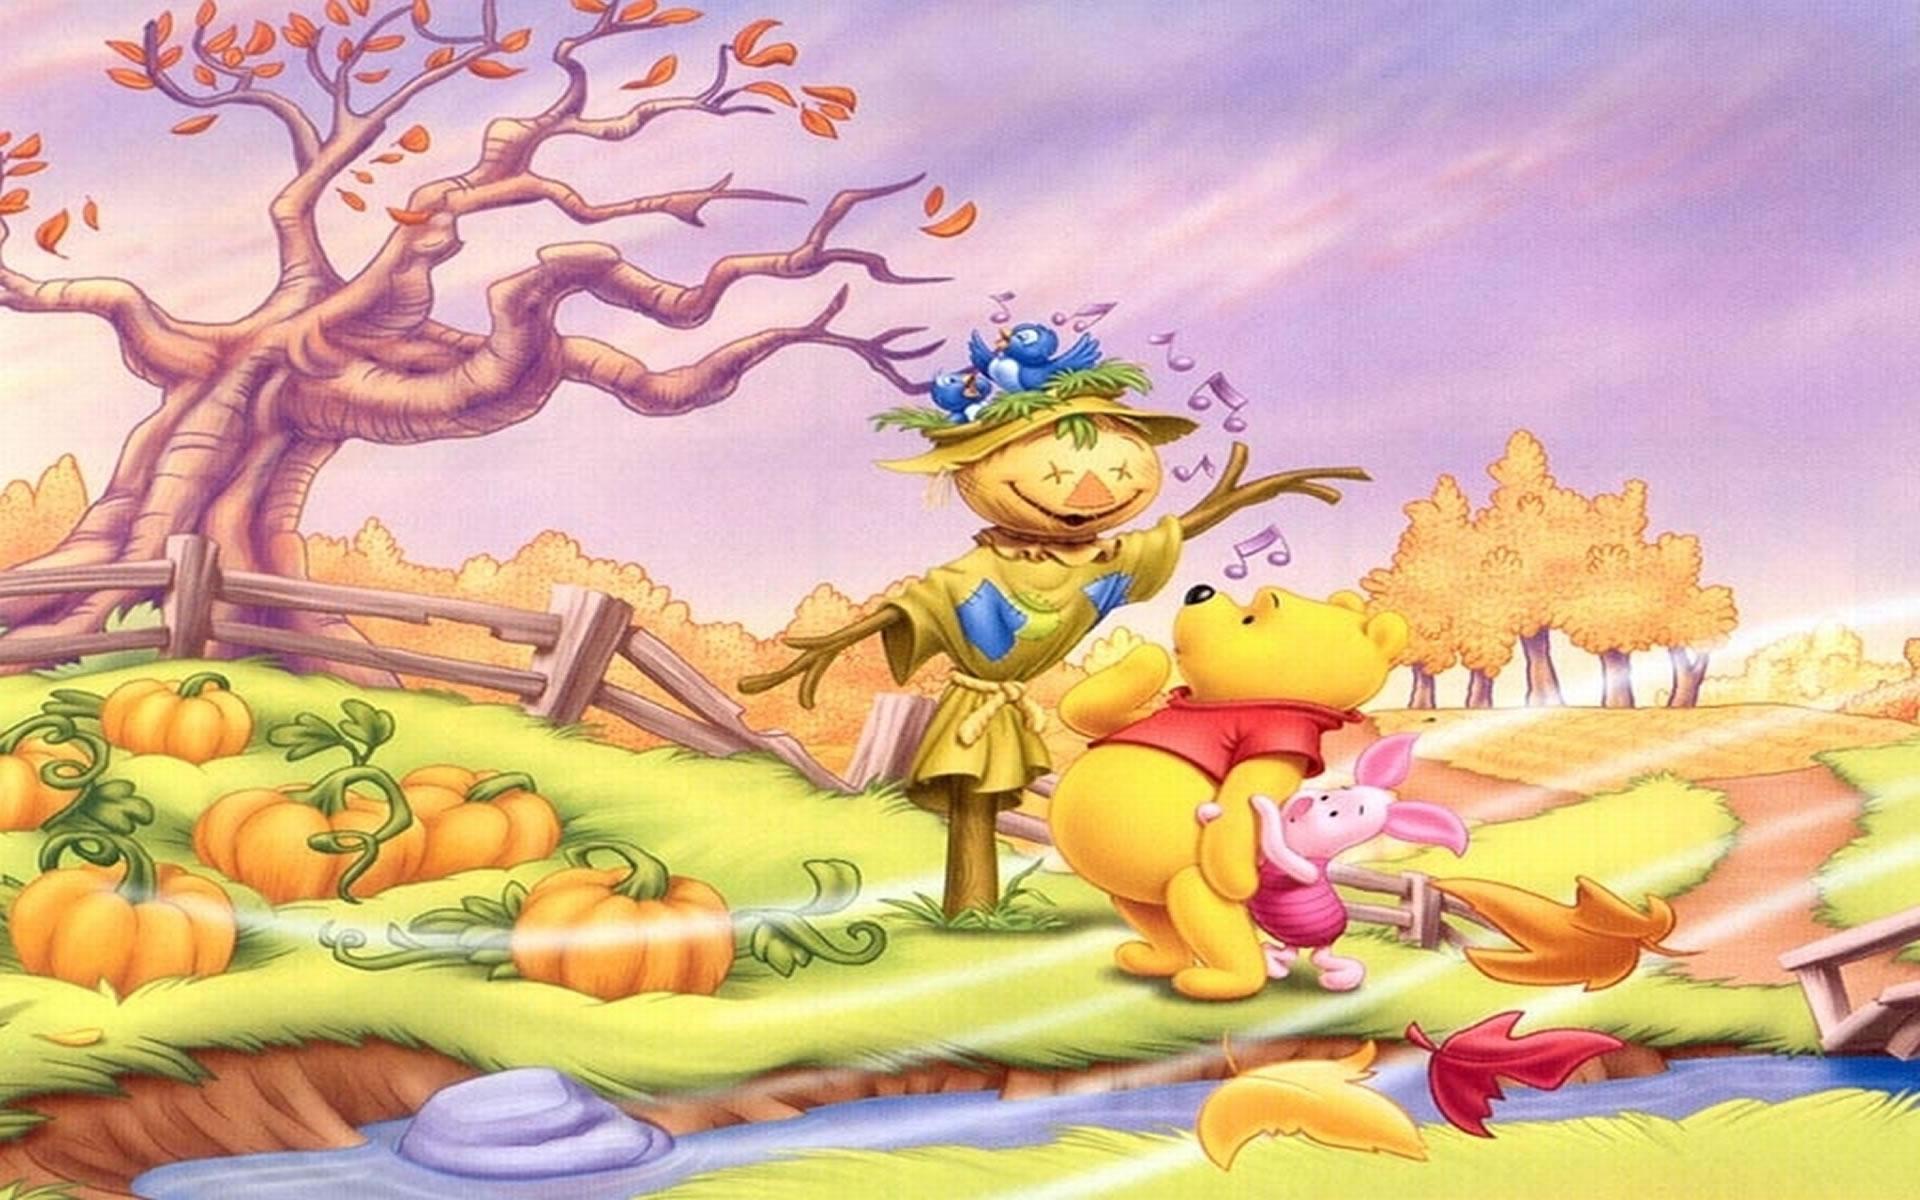 画像 ディズニー くまのプーさん Winnie The Pooh Pc